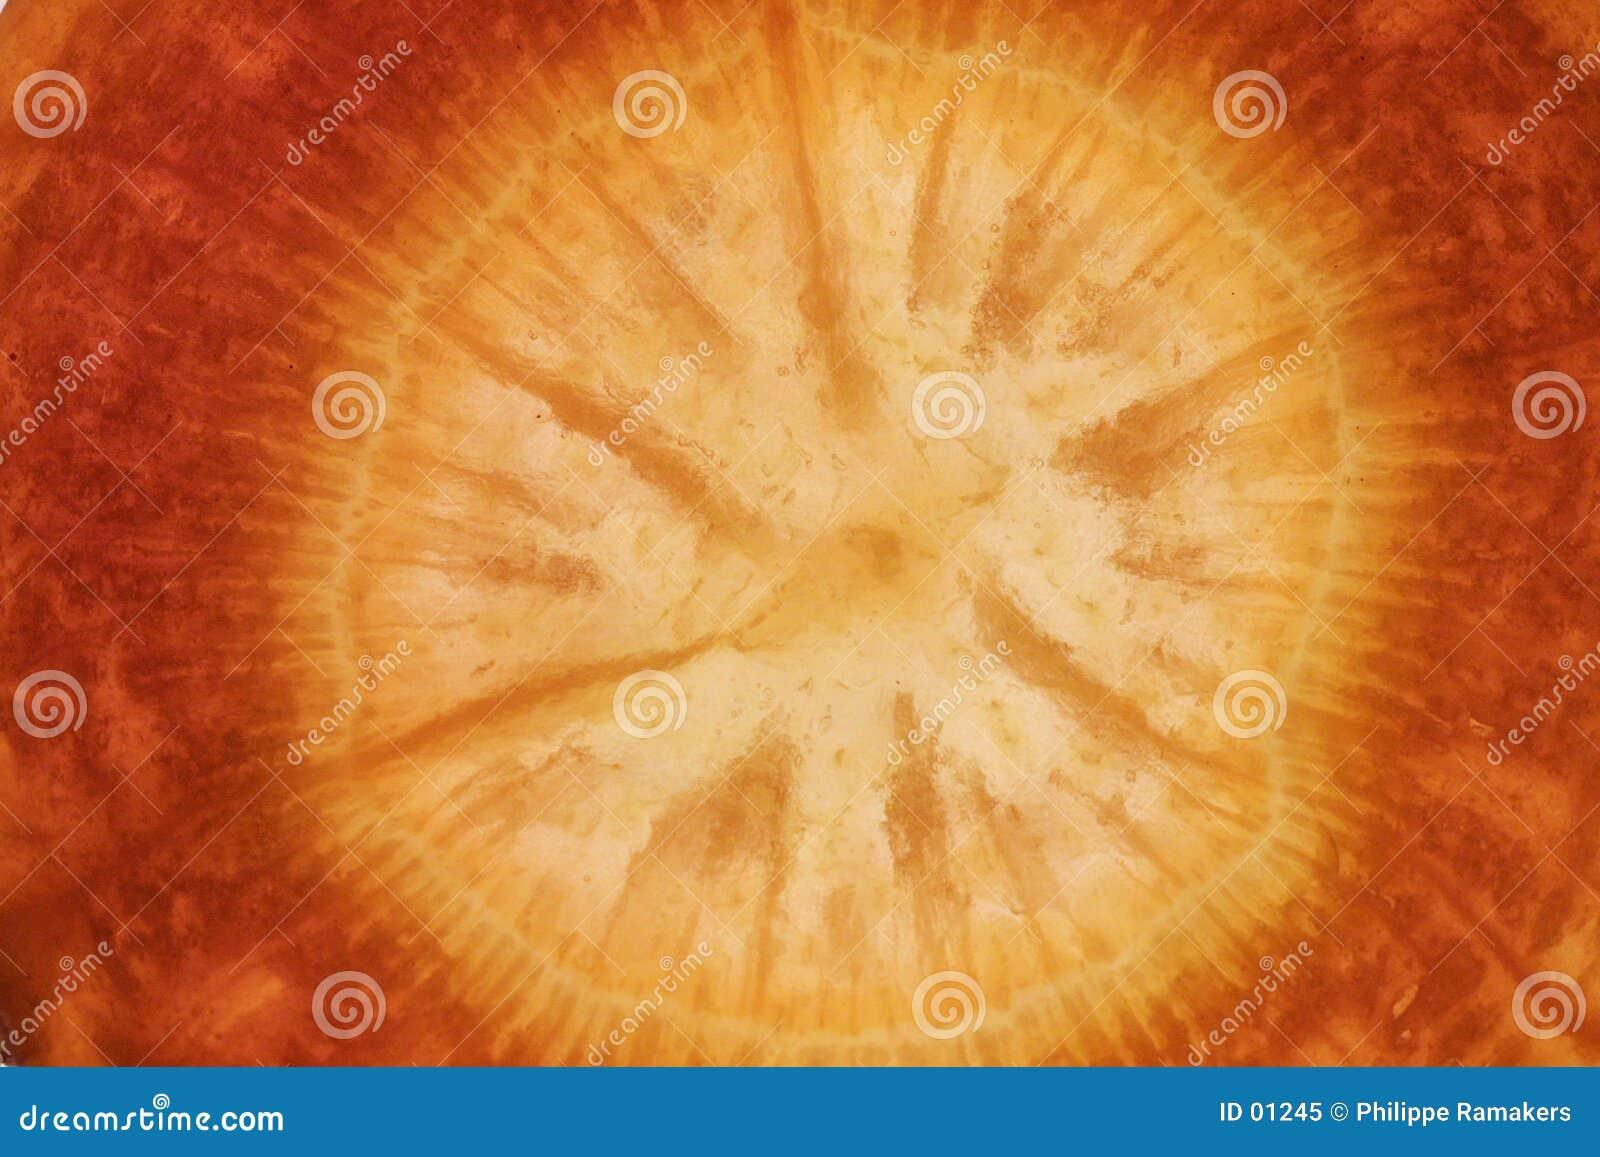 Detalle de la zanahoria